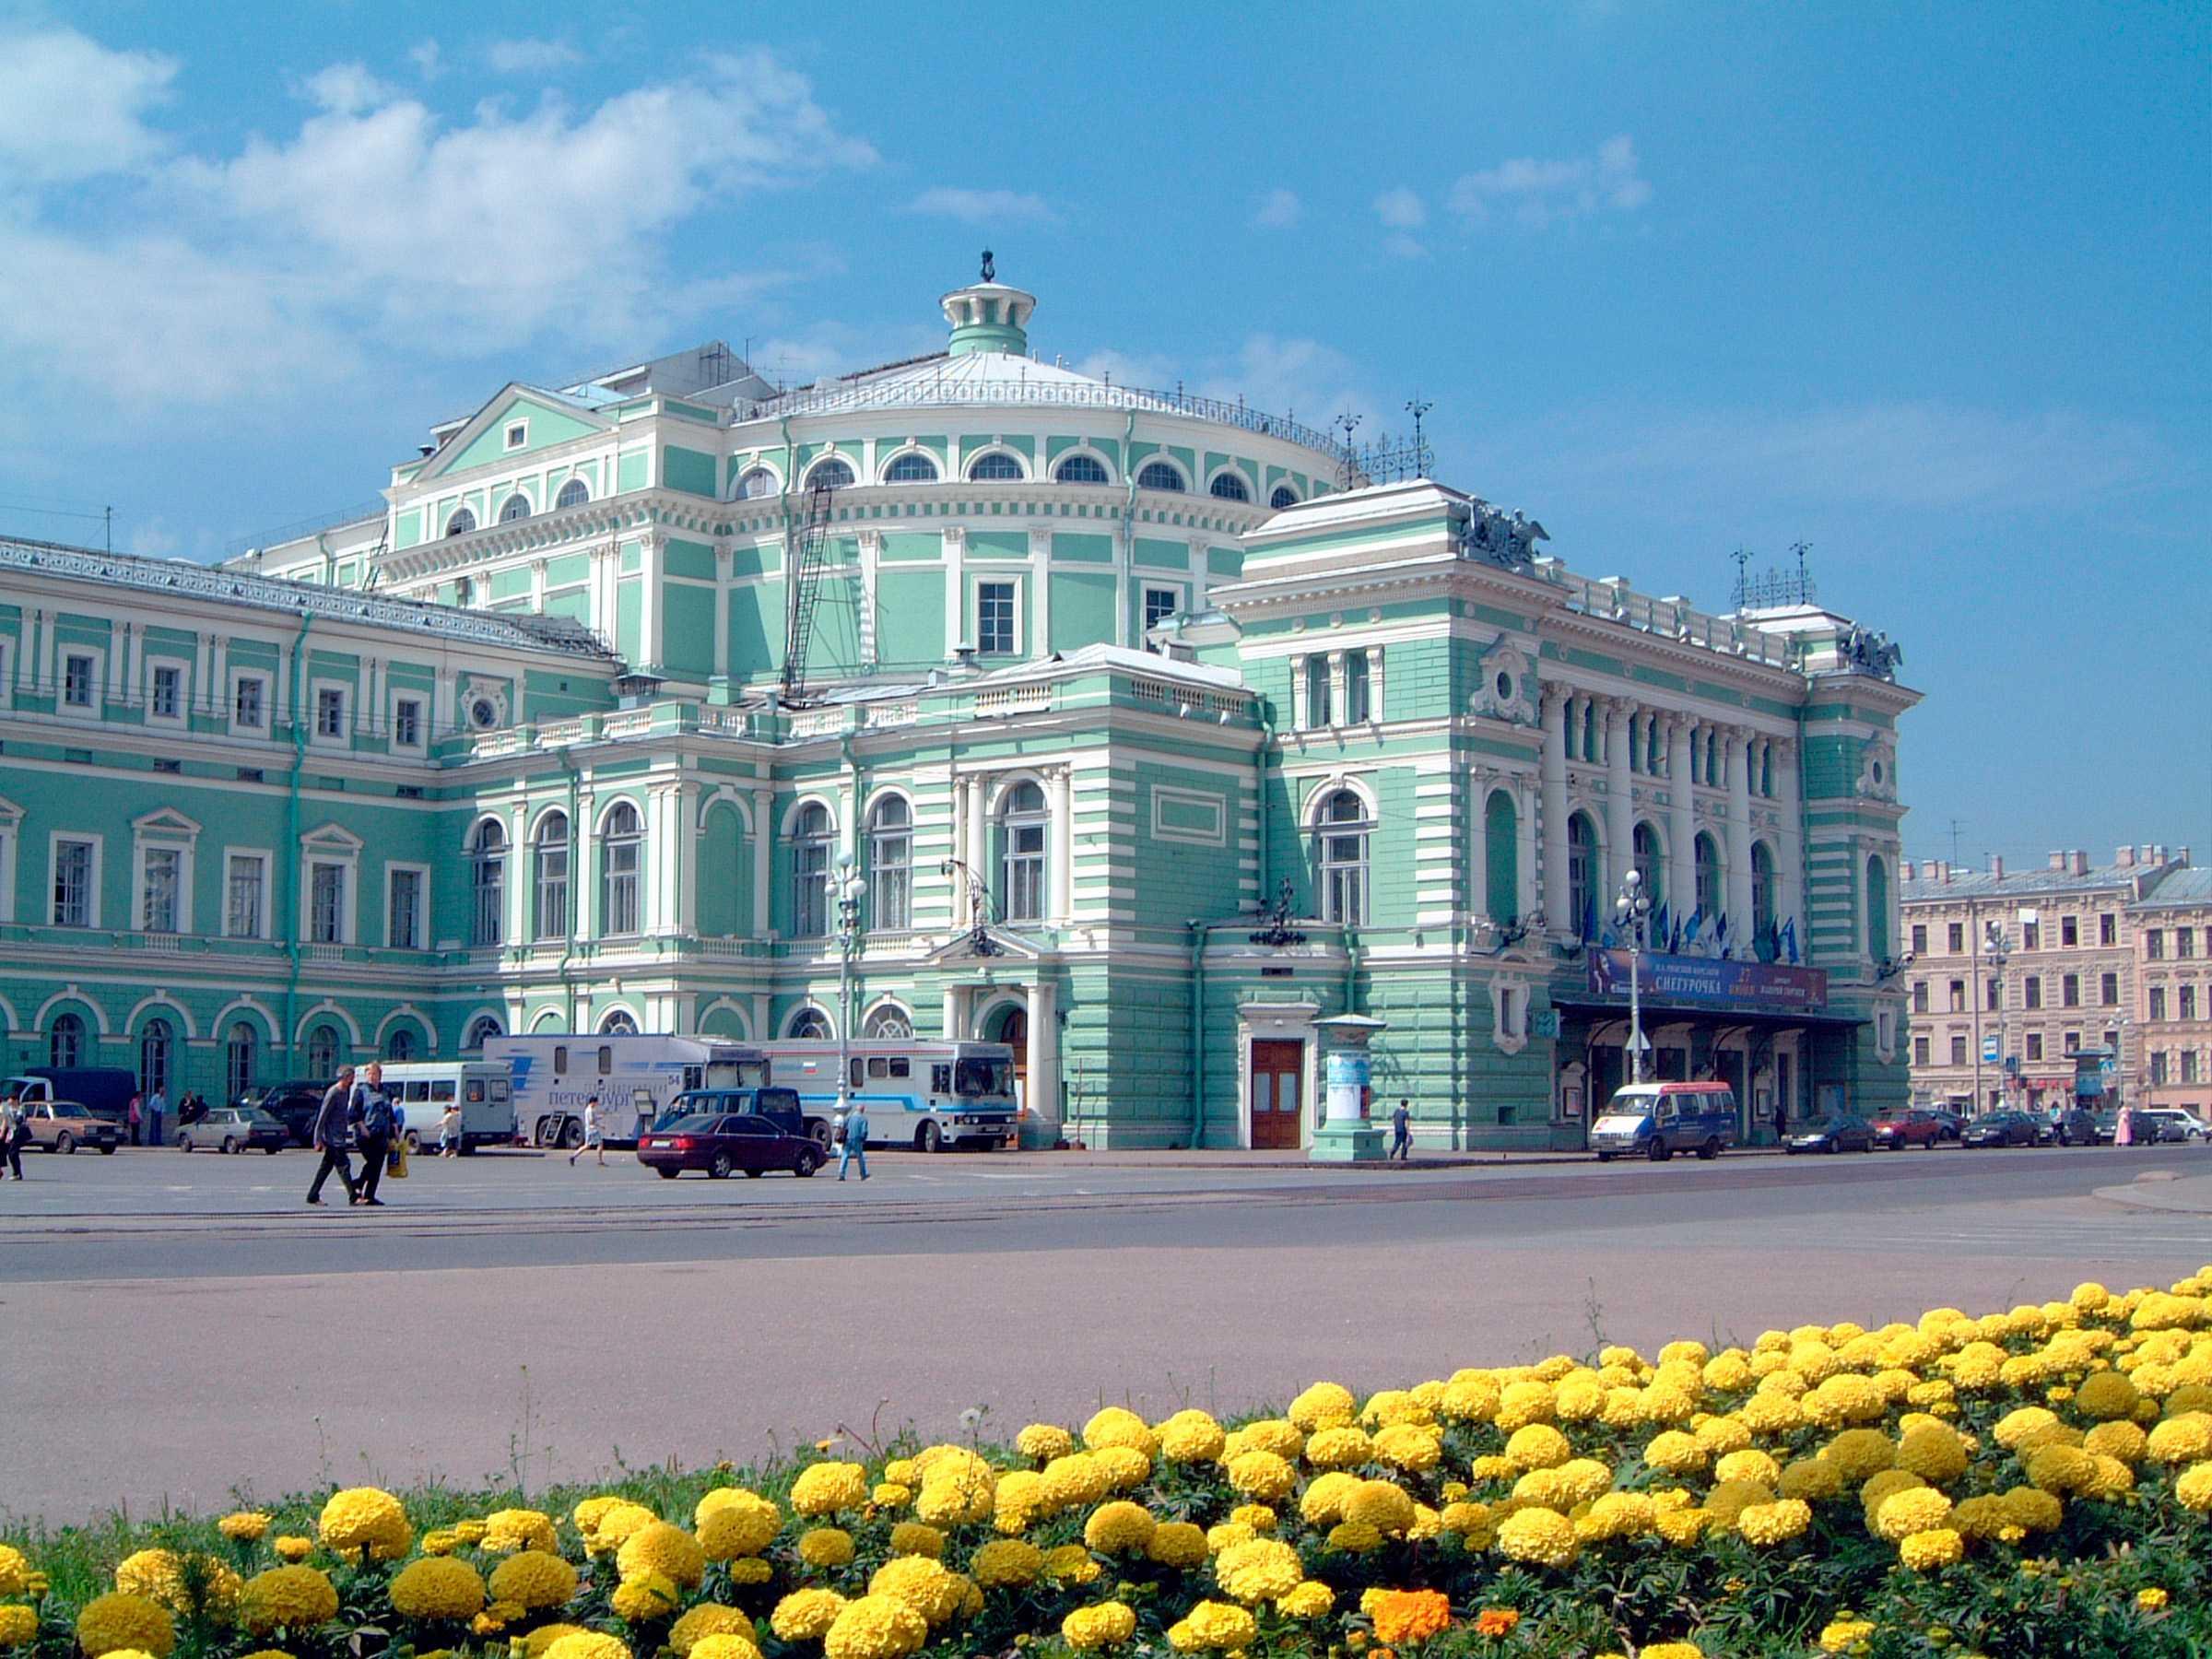 Элитные квартиры в Центральном районе. Санкт-Петербург, наб. Адмиралтейского канала, 15. Мариинский театр